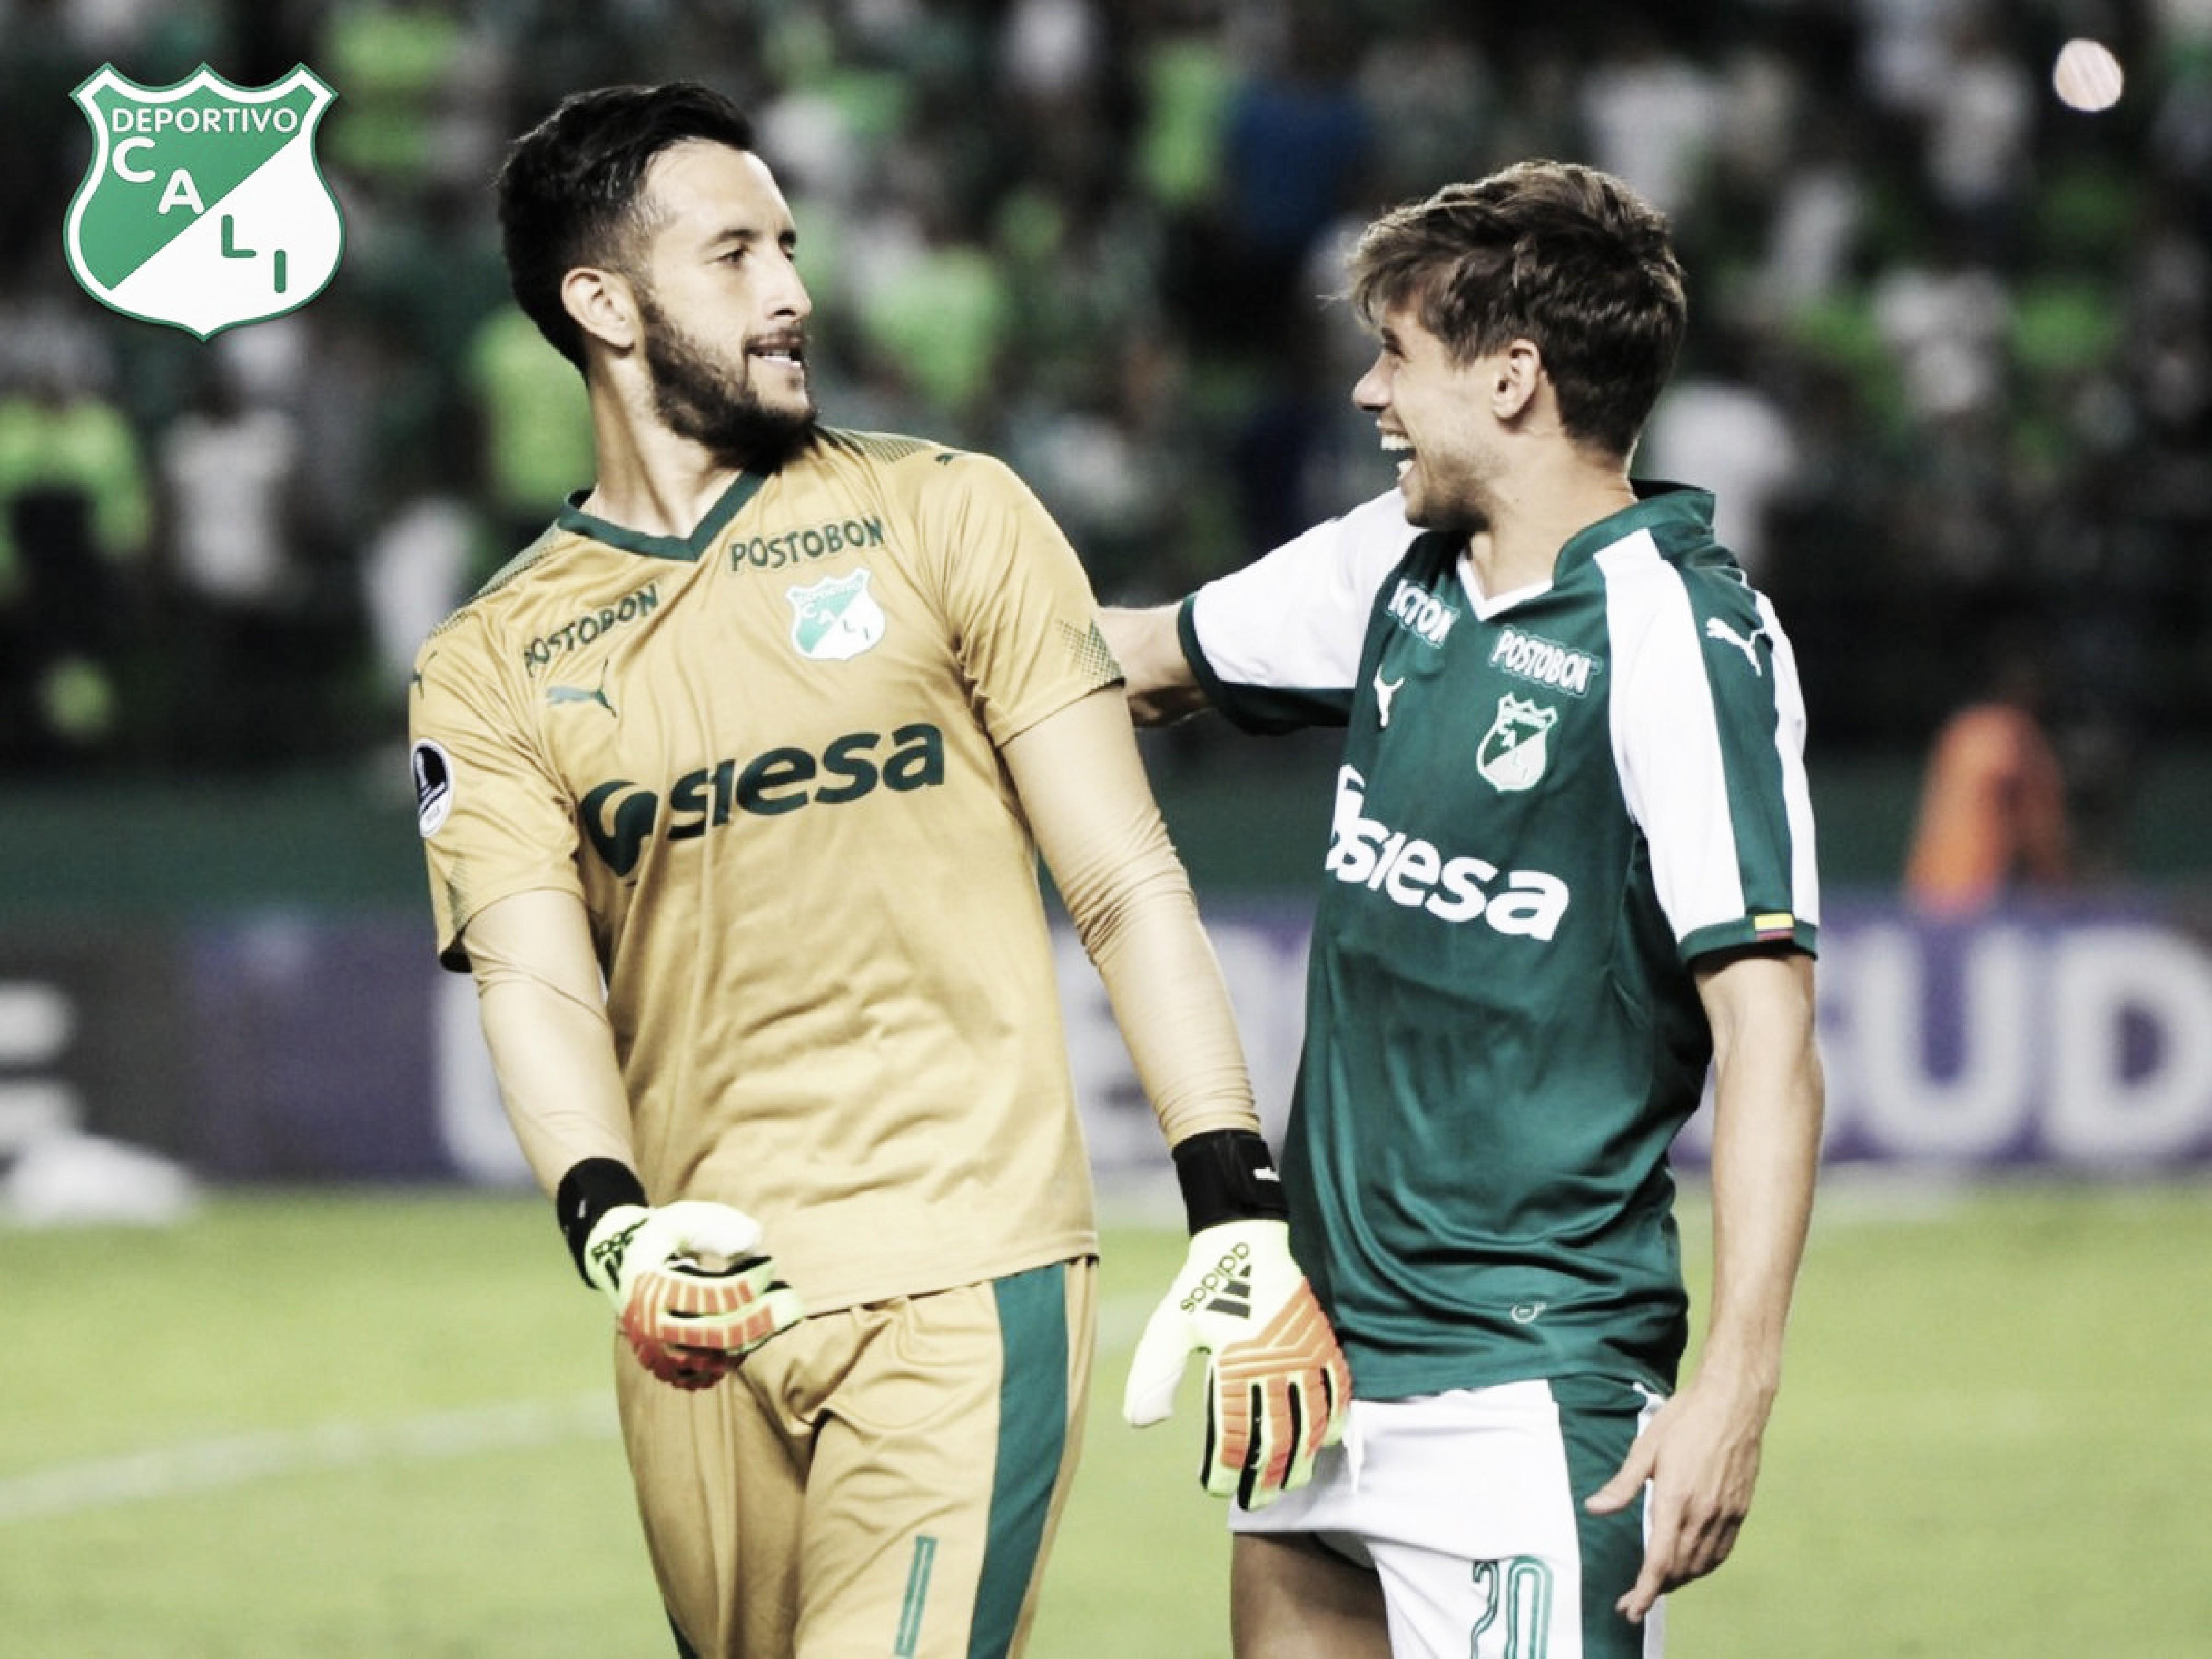 Deportivo Cali avanzó a cuartos de final de la Copa Sudamericana